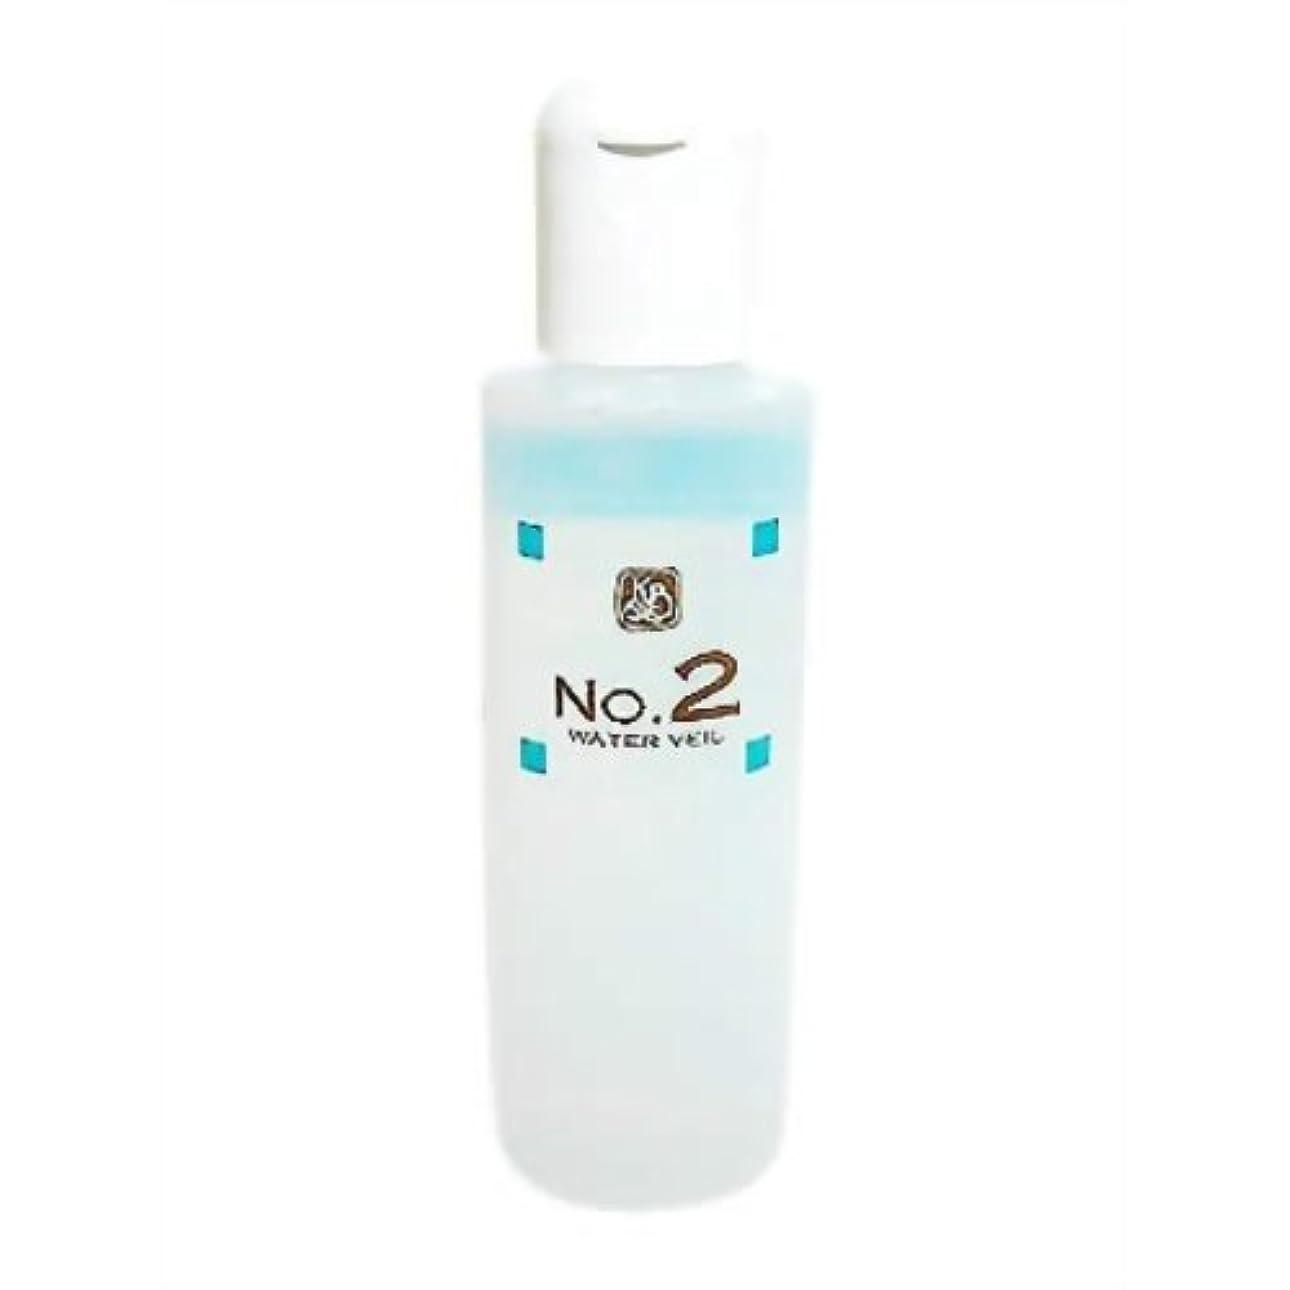 離れて消毒剤とまり木顔を洗う水シリーズ No.2 250ml